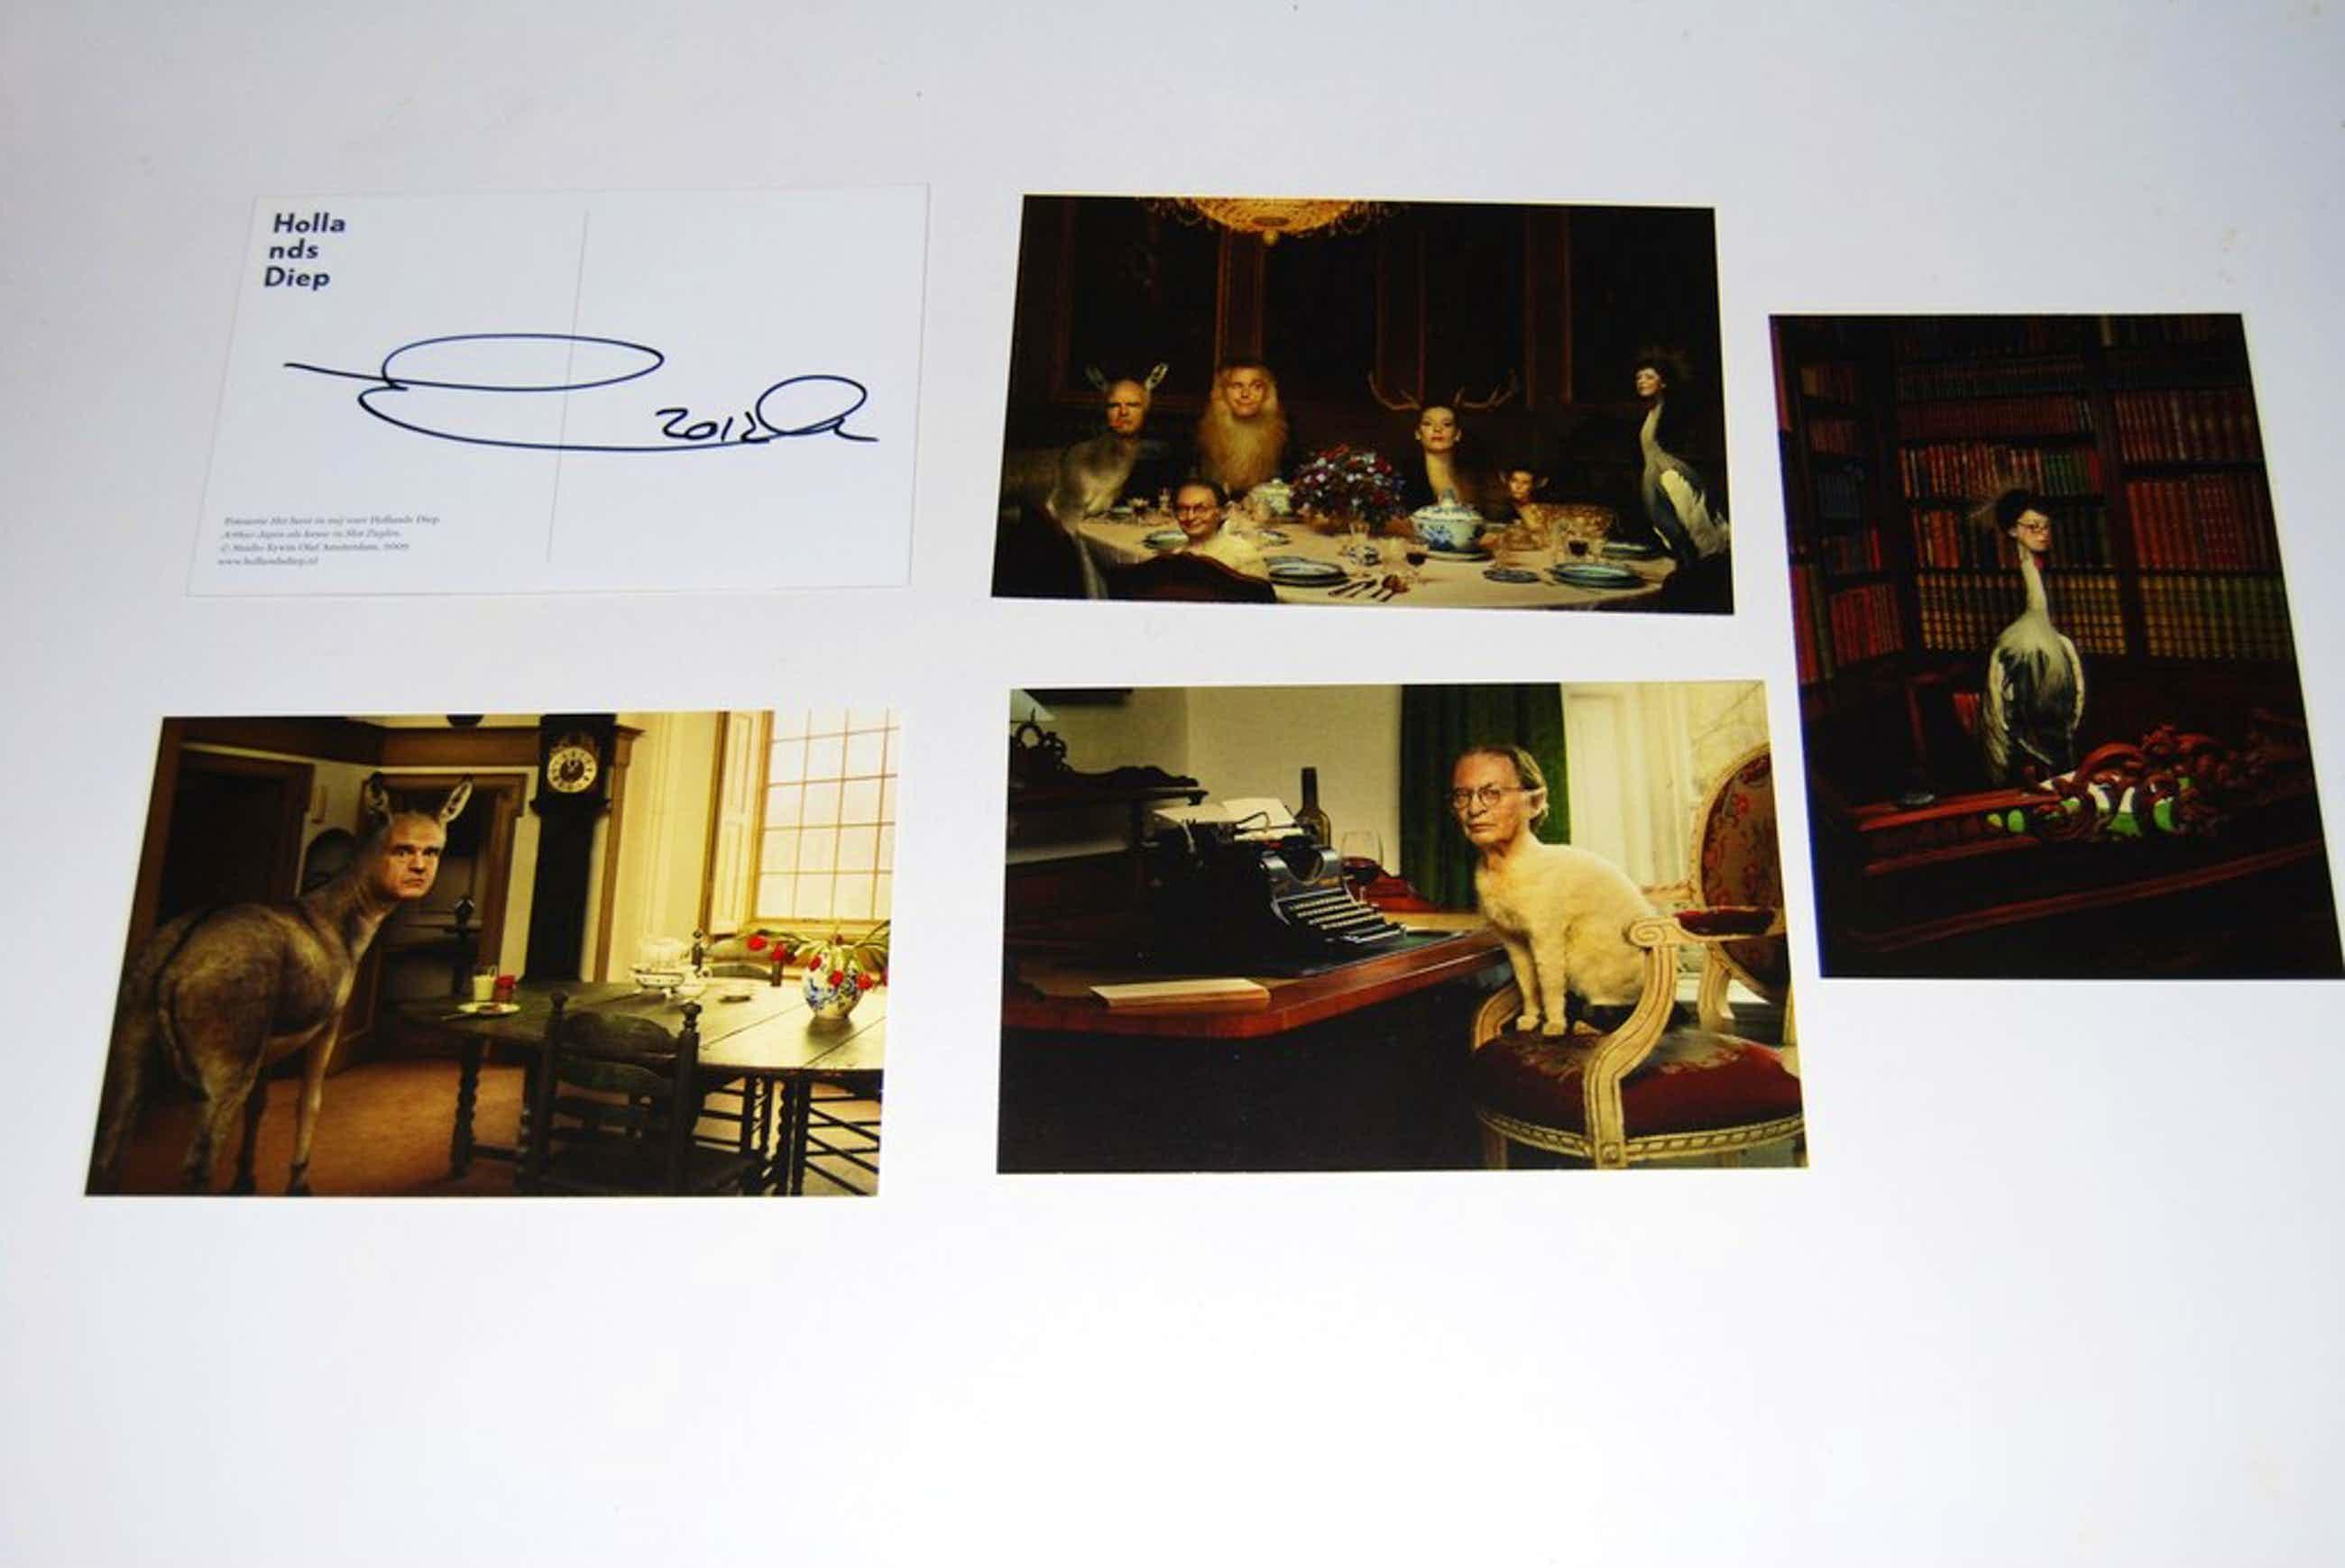 Erwin Olaf, Het beest in mij, 6 afdrukken, 1 gesign, 2009 kopen? Bied vanaf 50!